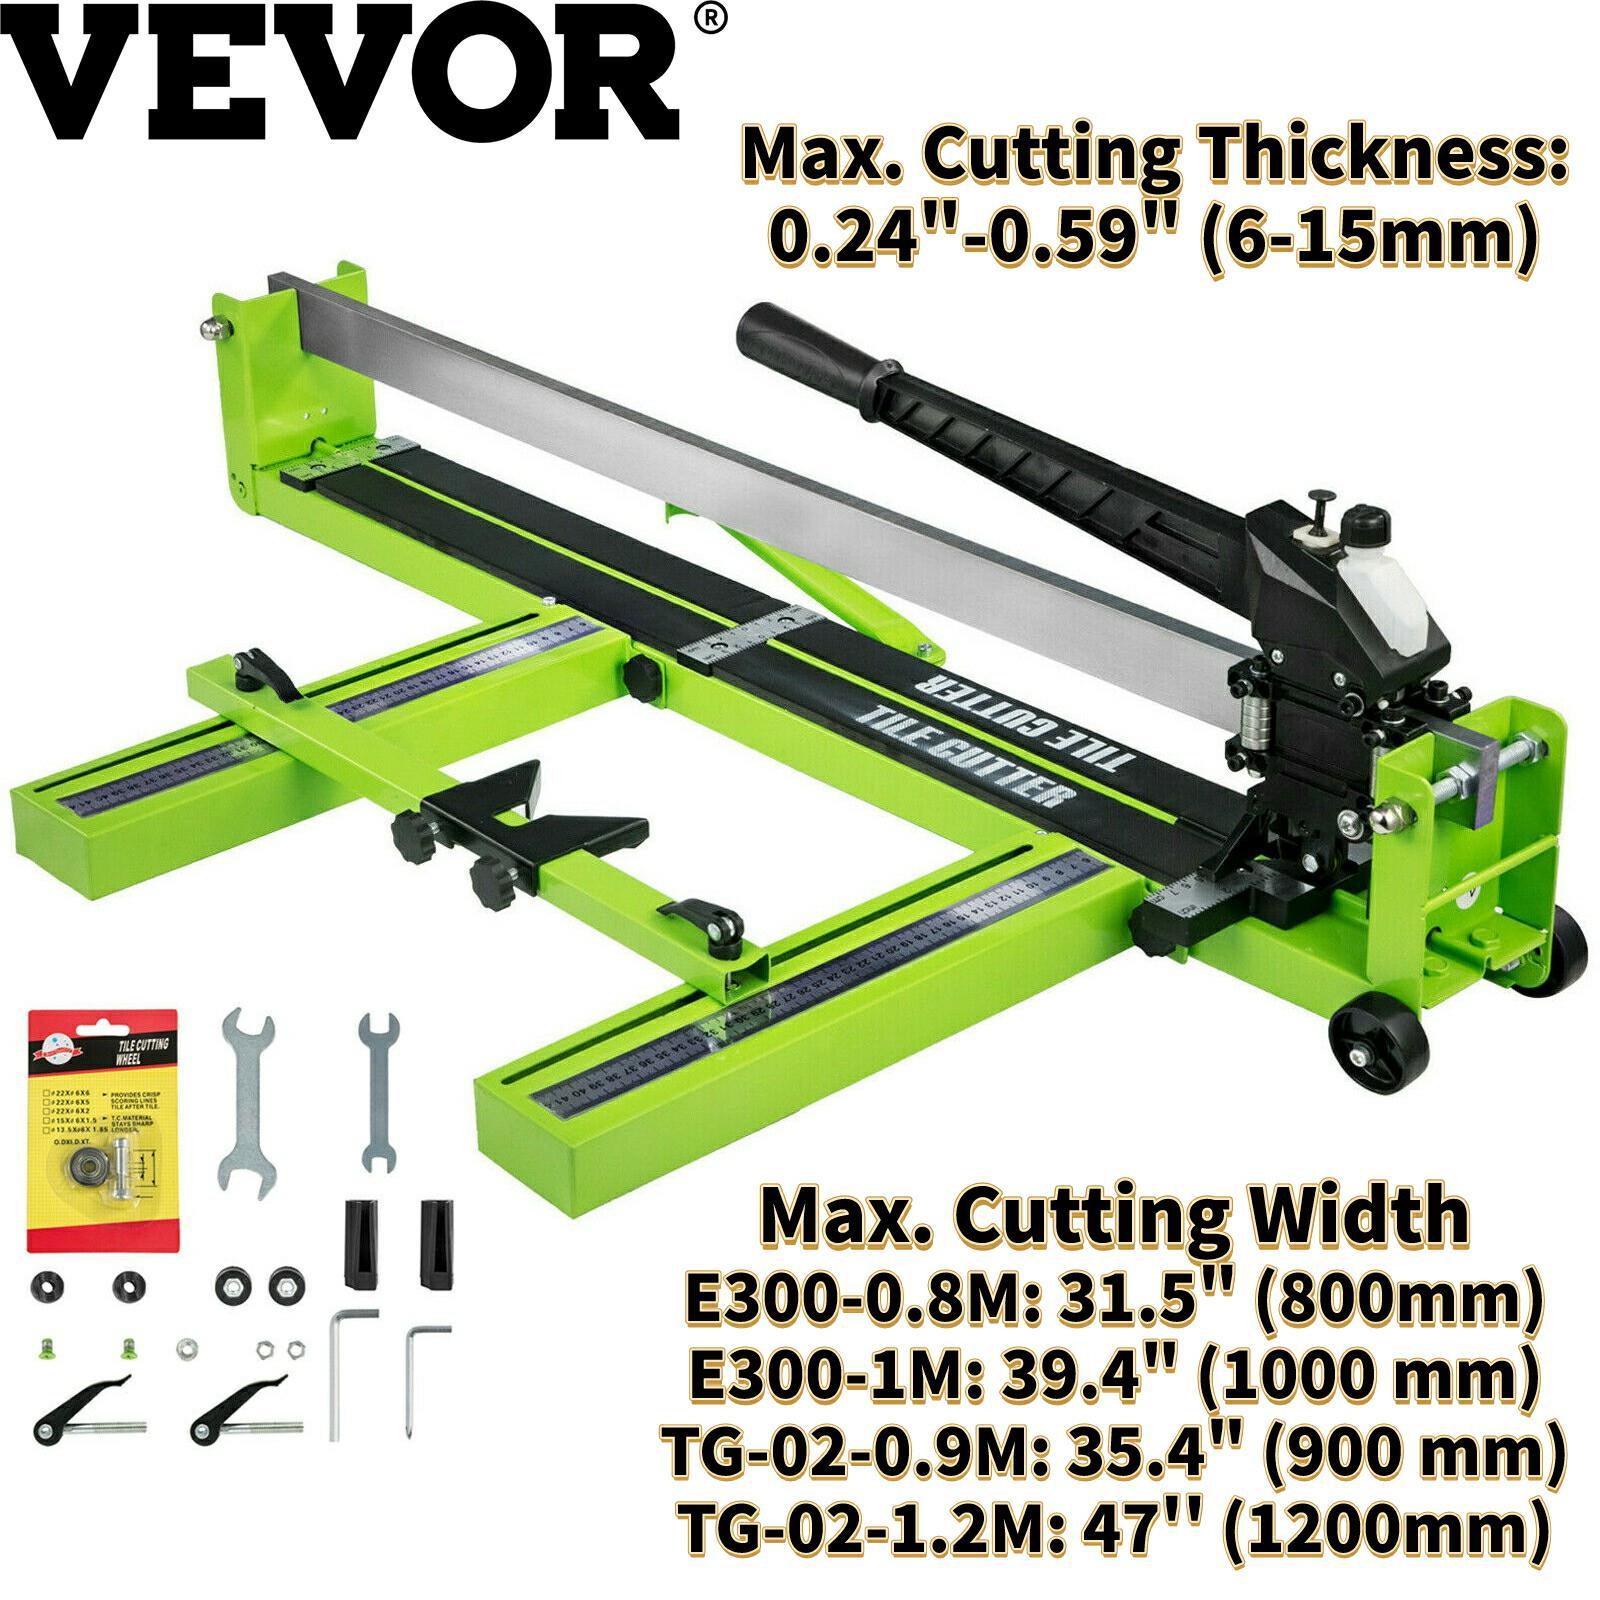 VEVOR Manual Tile Cutter Laser Positioning 31.5